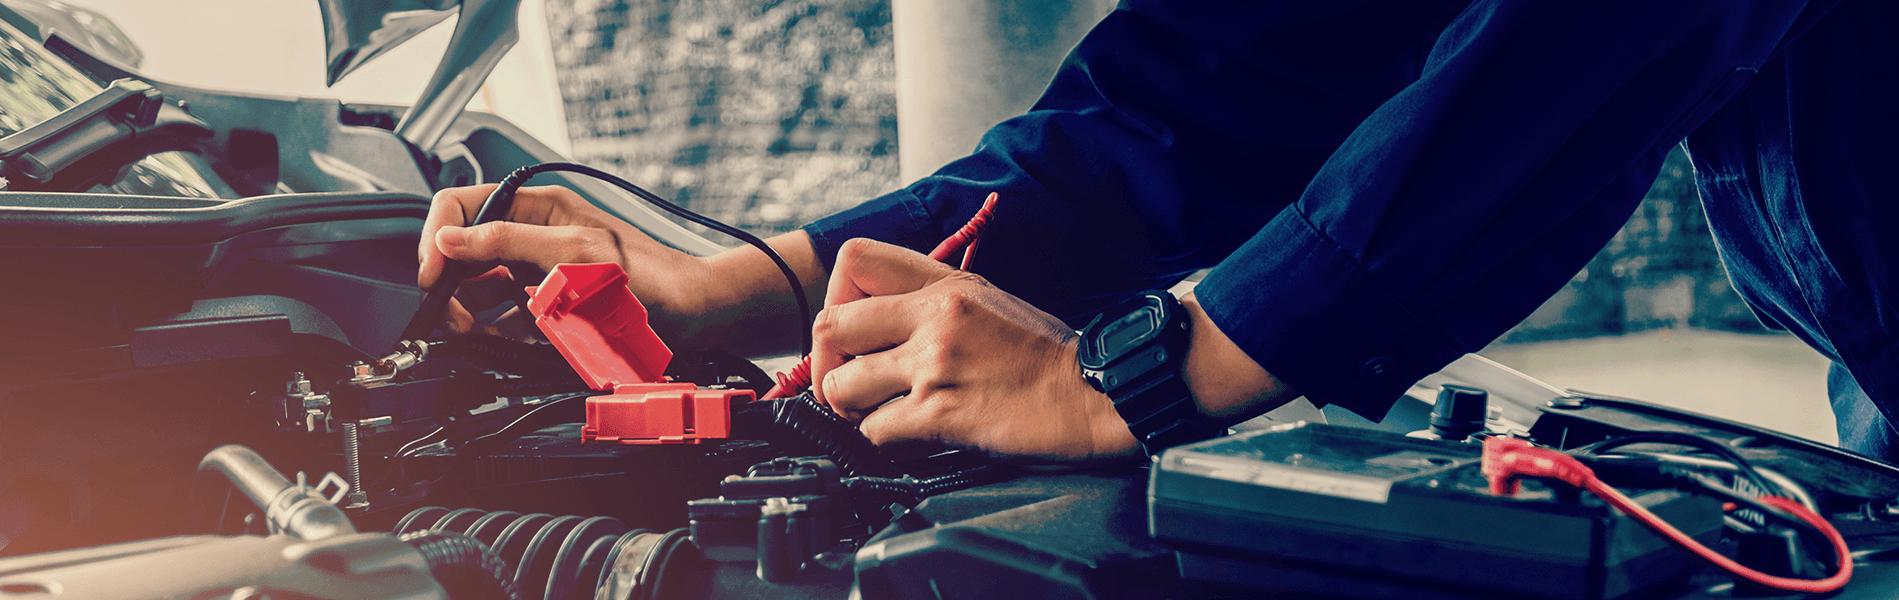 cambio batteria auto